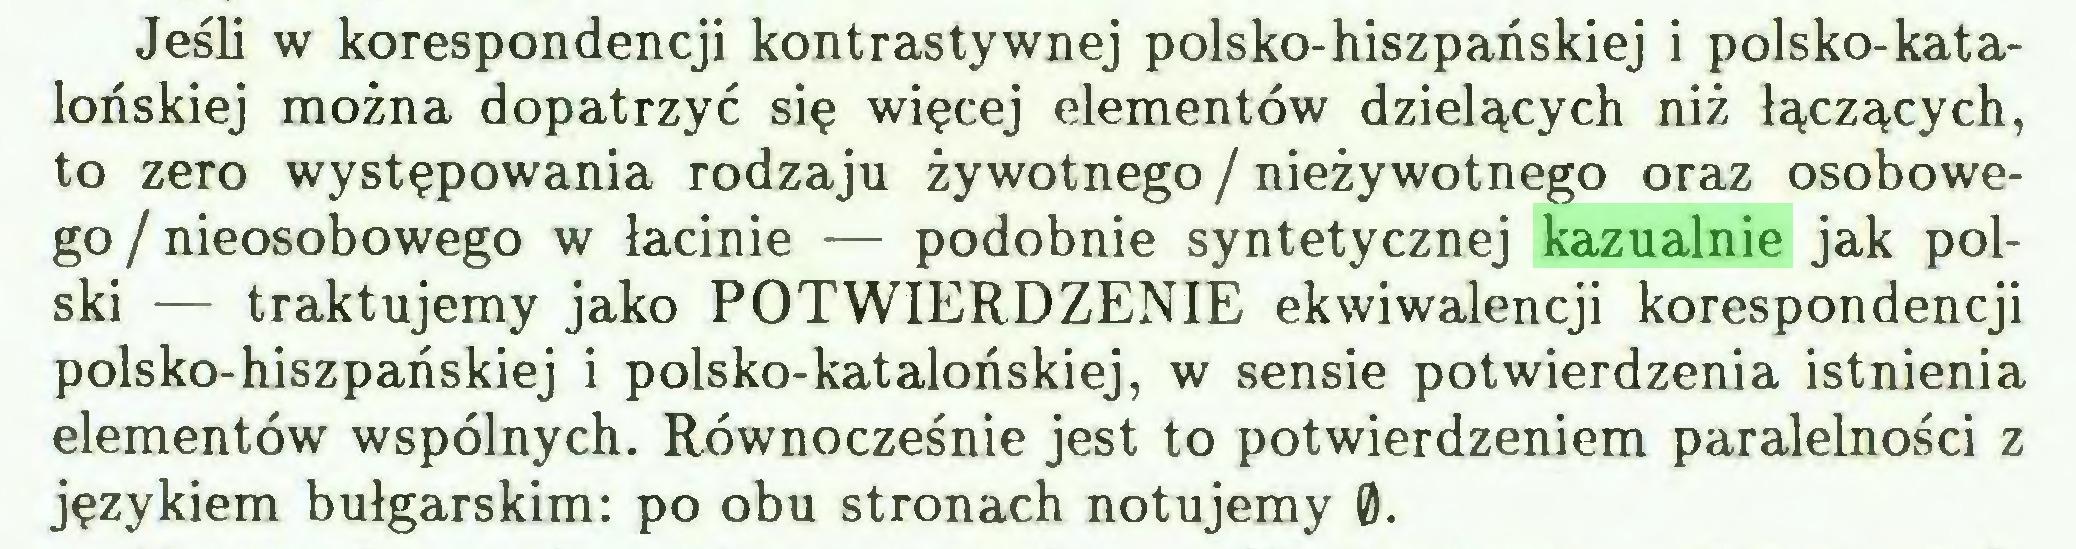 (...) Jeśli w korespondencji kontrastywnej polsko-hiszpańskiej i polsko-katalońskiej można dopatrzyć się więcej elementów dzielących niż łączących, to zero występowania rodzaju żywotnego / nieżywotnego oraz osobowego / nieosobowego w łacinie — podobnie syntetycznej kazualnie jak polski — traktujemy jako POTWIERDZENIE ekwiwalencji korespondencji polsko-hiszpańskiej i polsko-katalońskiej, w sensie potwierdzenia istnienia elementów wspólnych. Równocześnie jest to potwierdzeniem paralelności z językiem bułgarskim: po obu stronach notujemy 0...